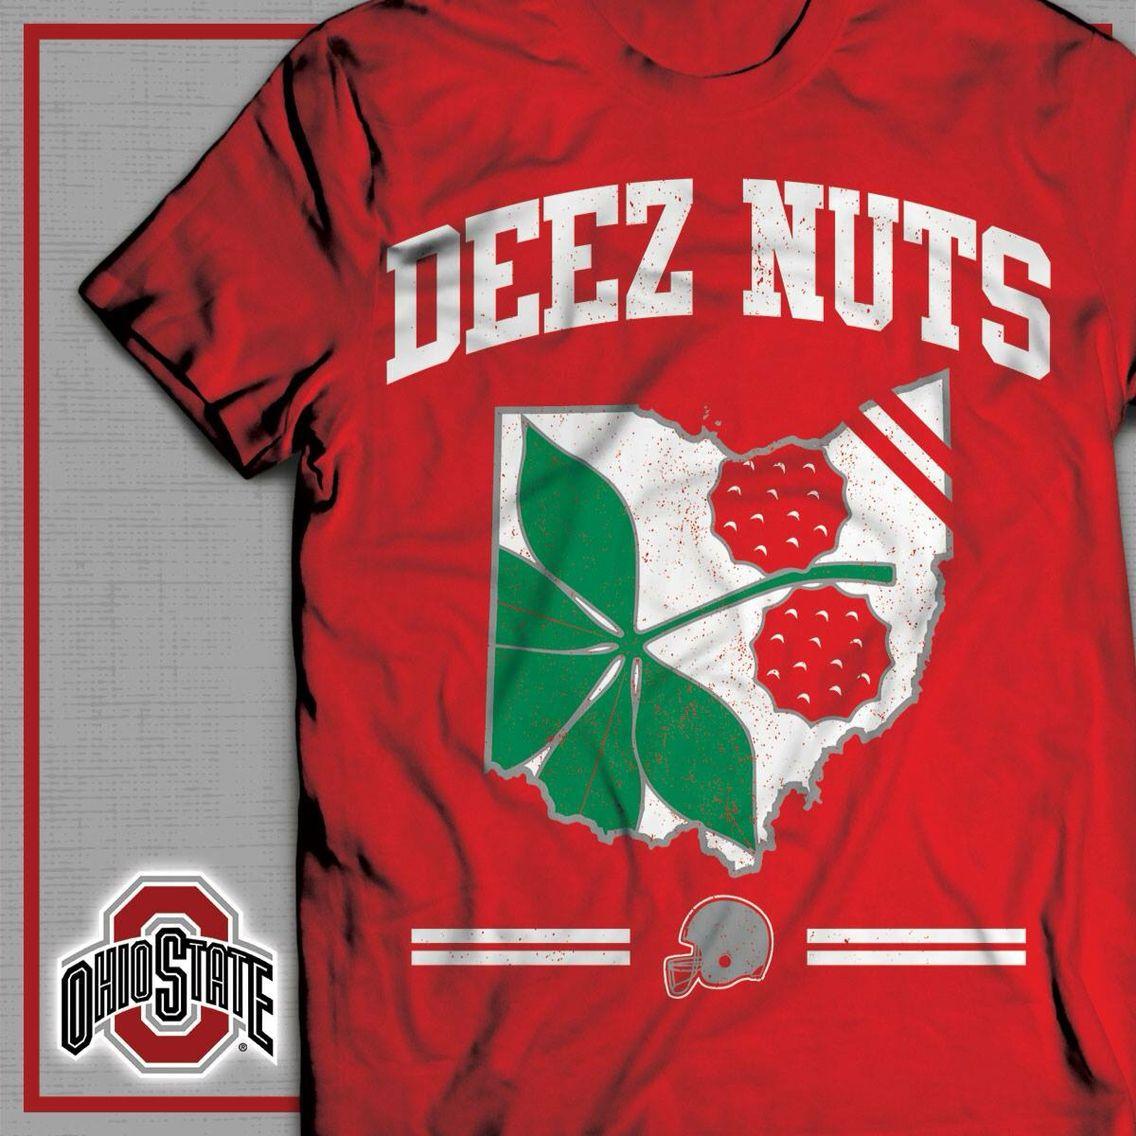 DEEZ NUTS!! Buckeye nation, Ohio state buckeyes, Ohio state